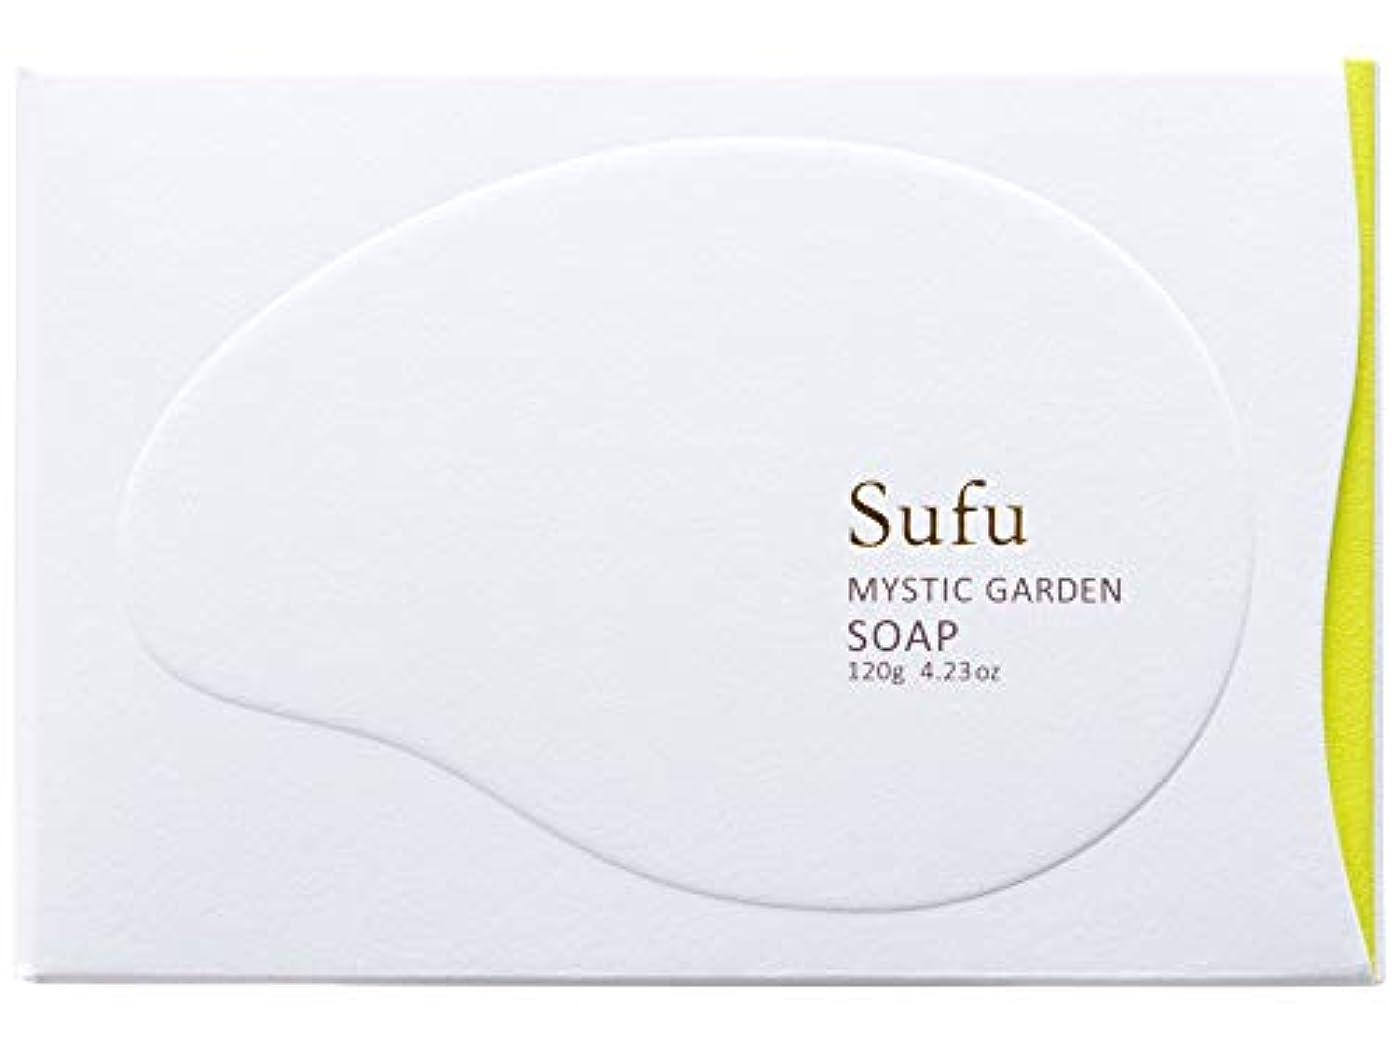 ためらう偉業変化ペリカン石鹸 Sufu ソープ ミスティックガーデン 120g